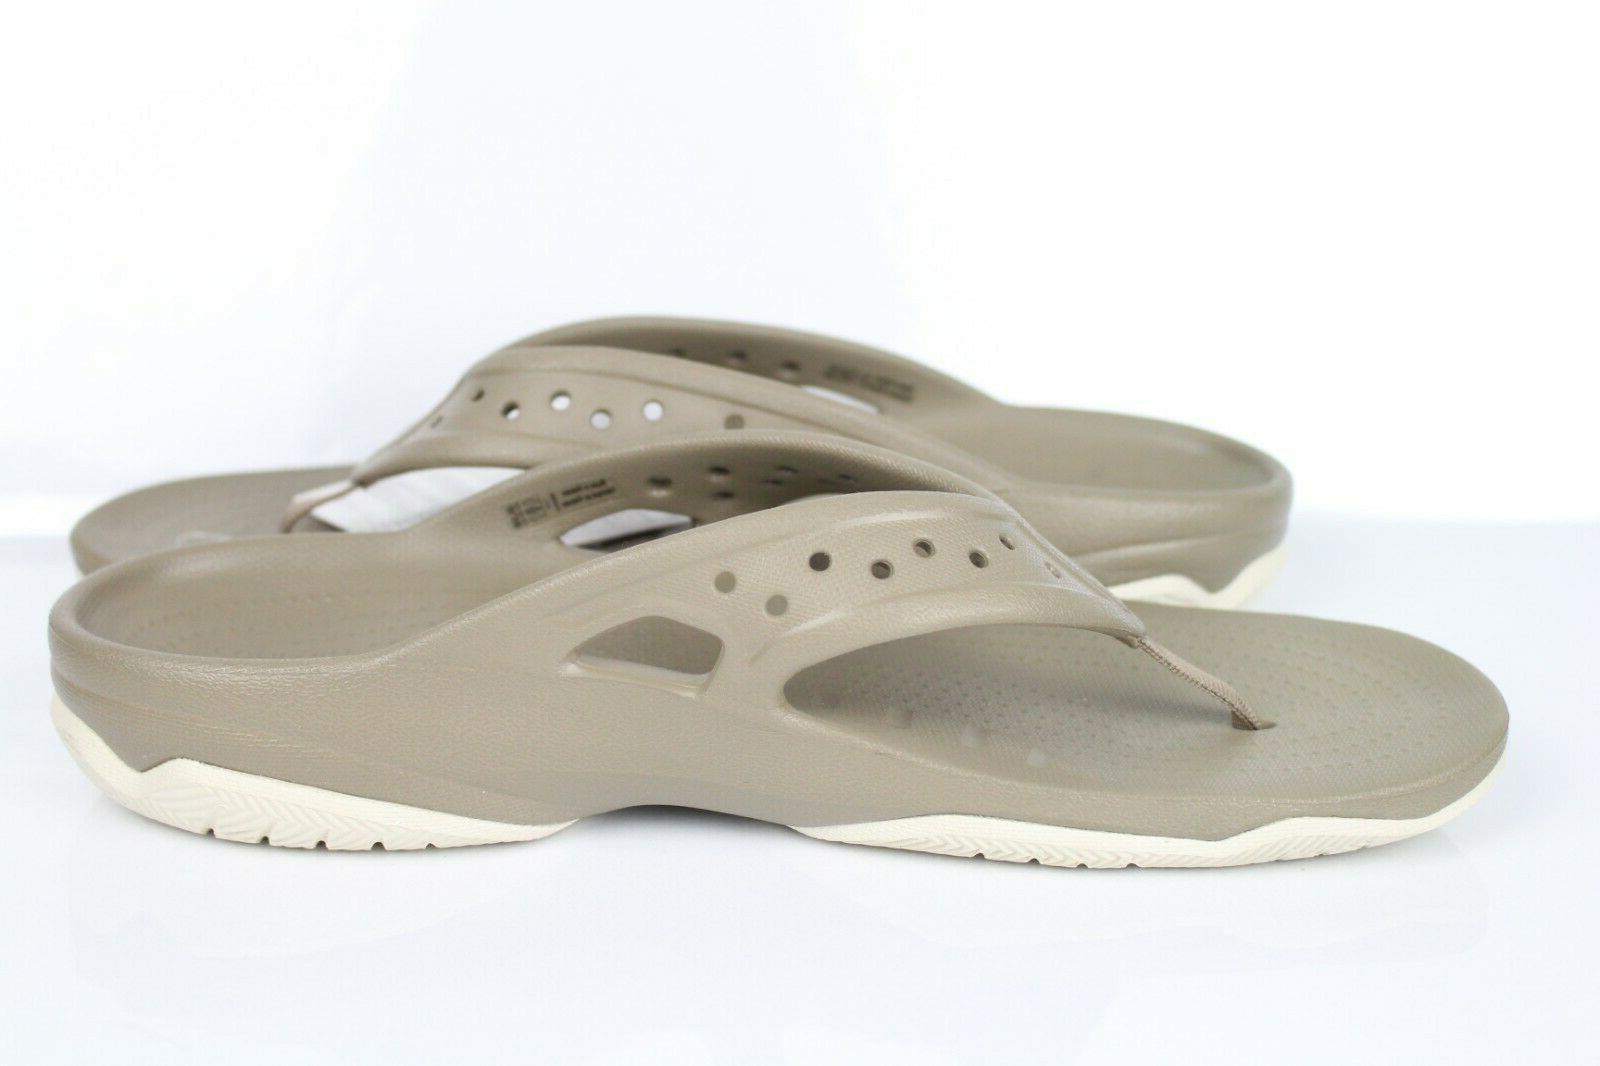 Crocs Deck Flip Flops Khaki 204961